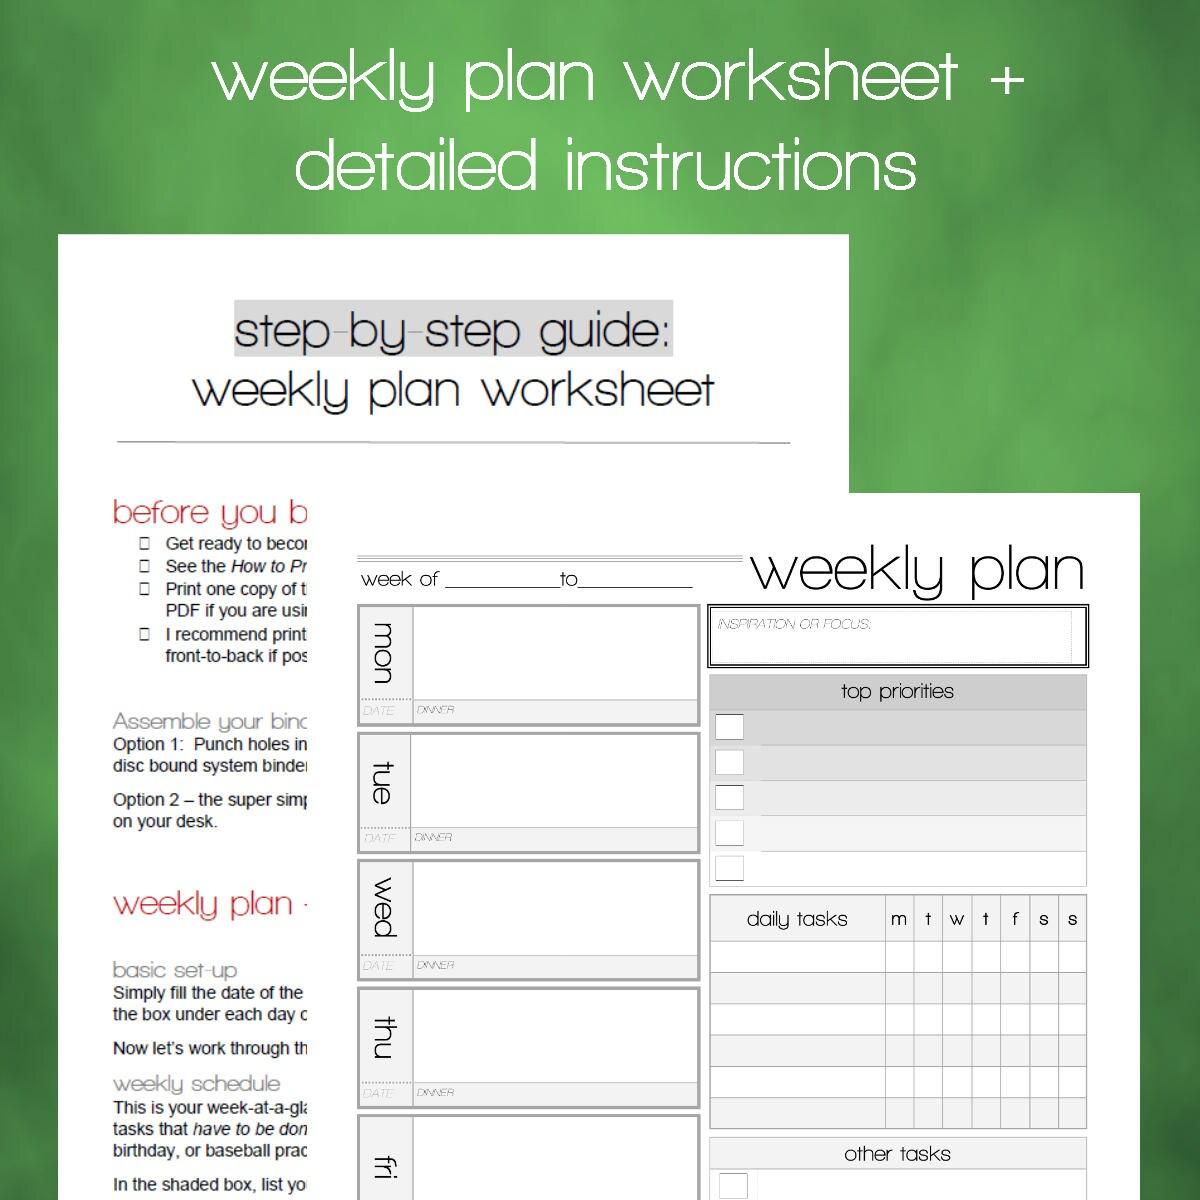 print weekly schedule